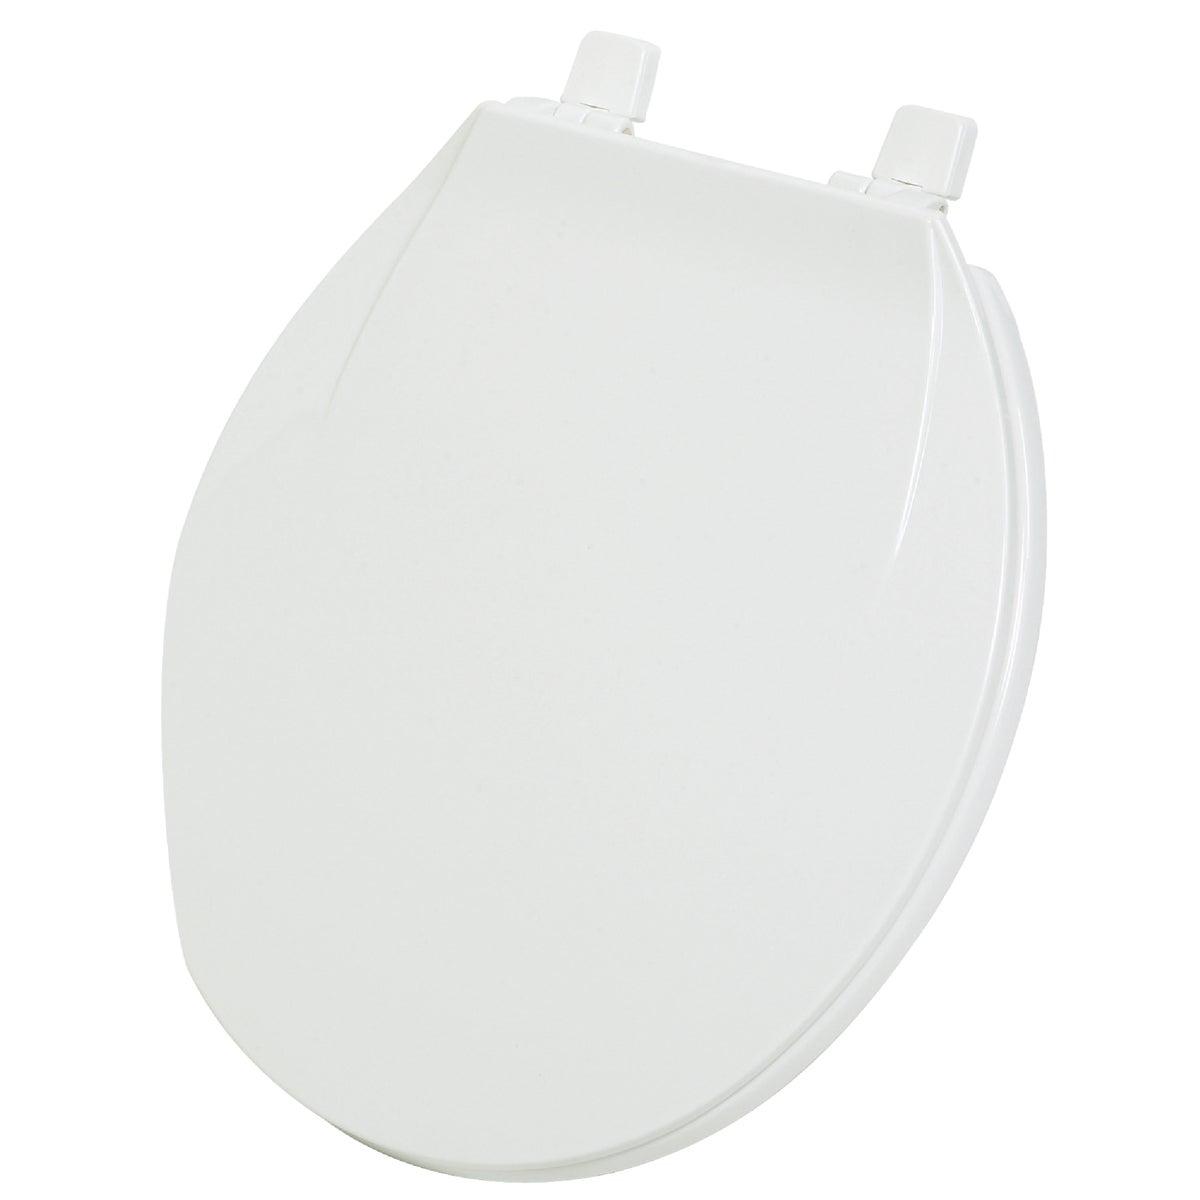 WHITE ROUND PLAS SEAT